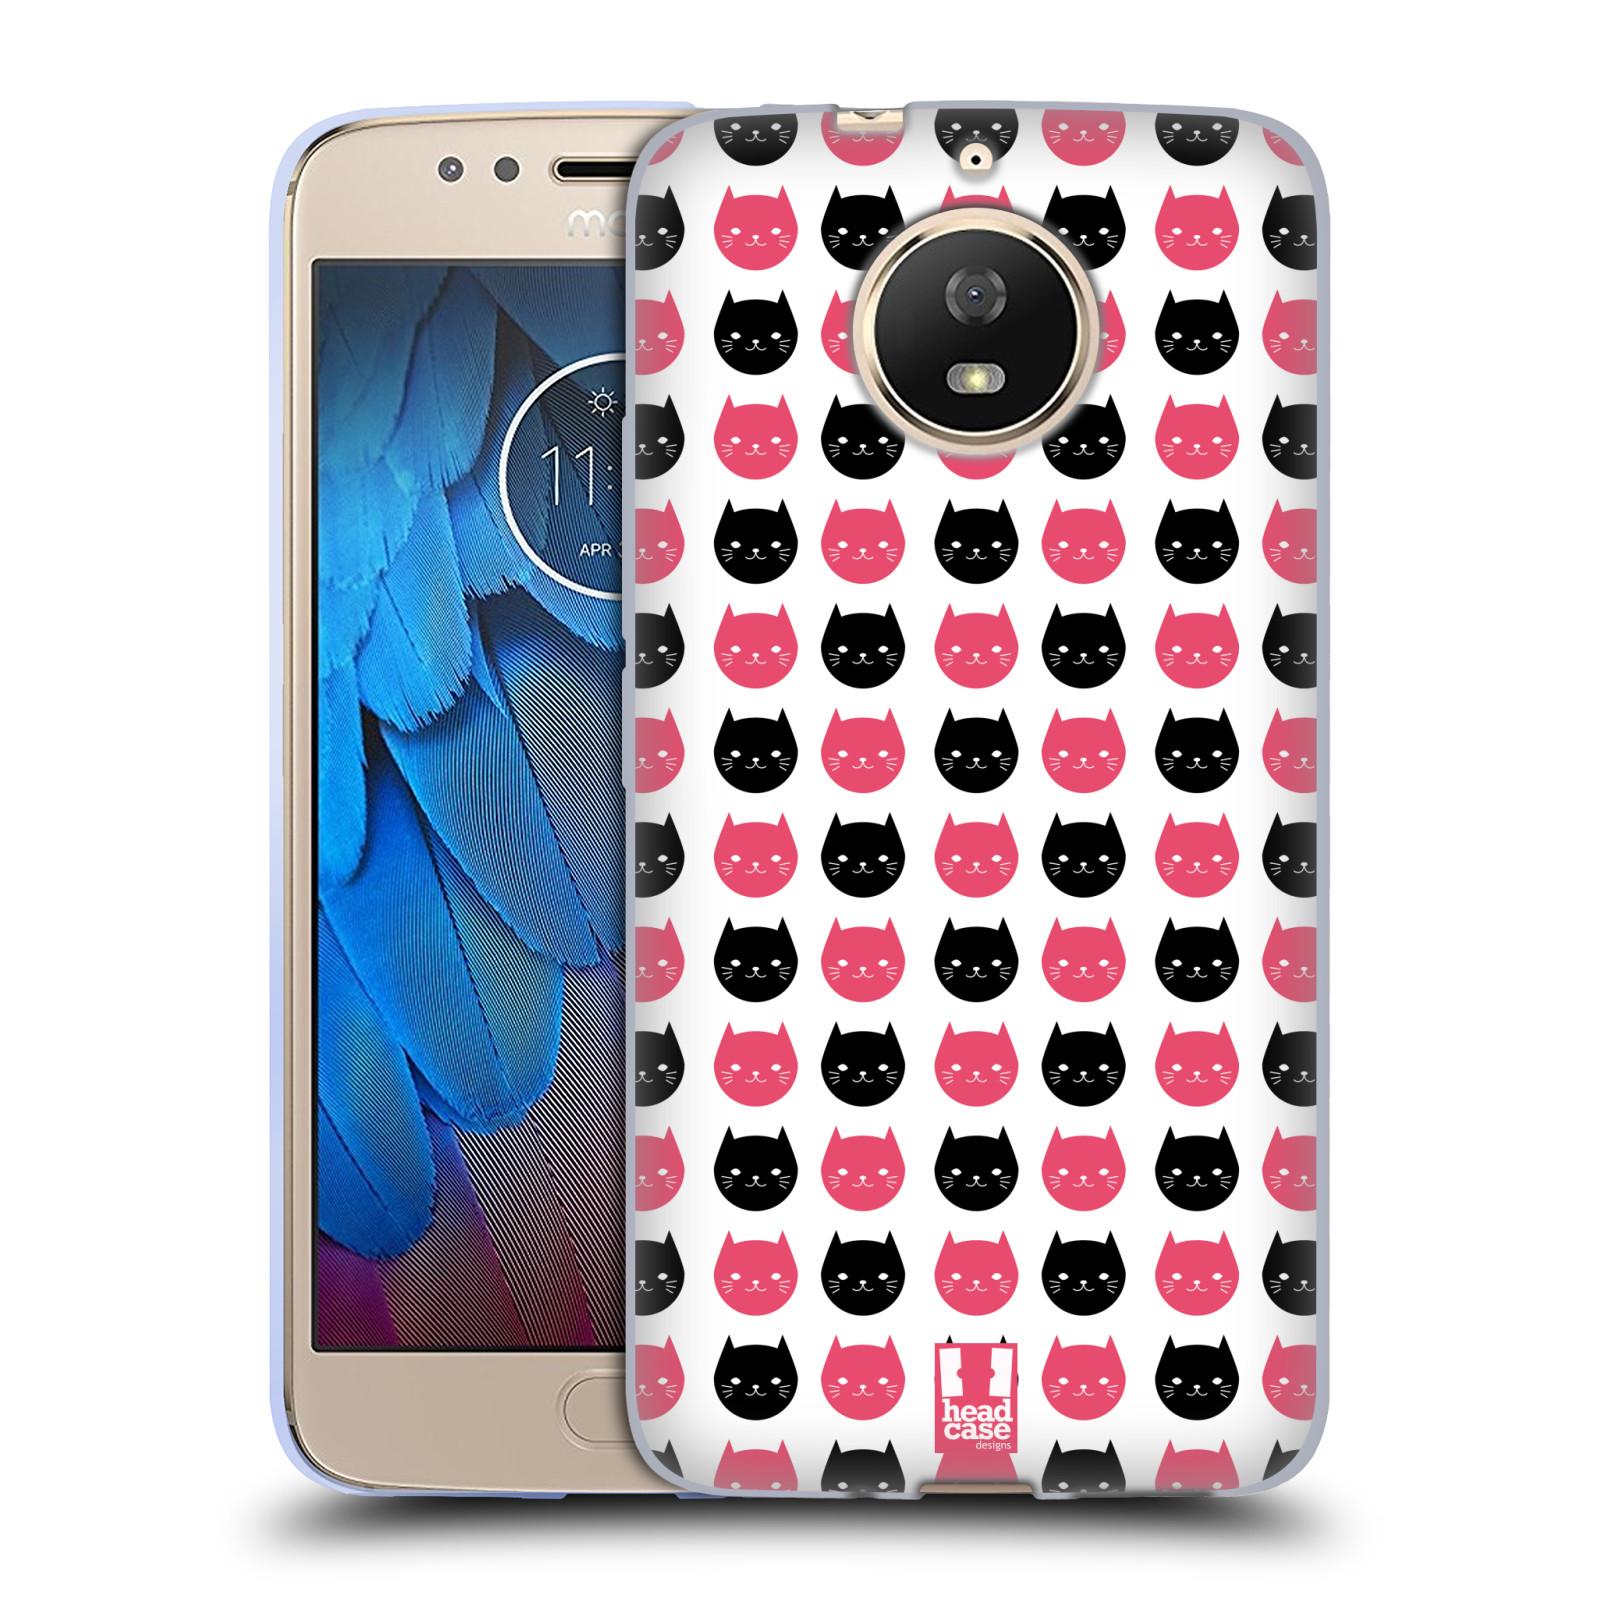 Silikonové pouzdro na mobil Lenovo Moto G5s - Head Case - KOČKY Black and Pink